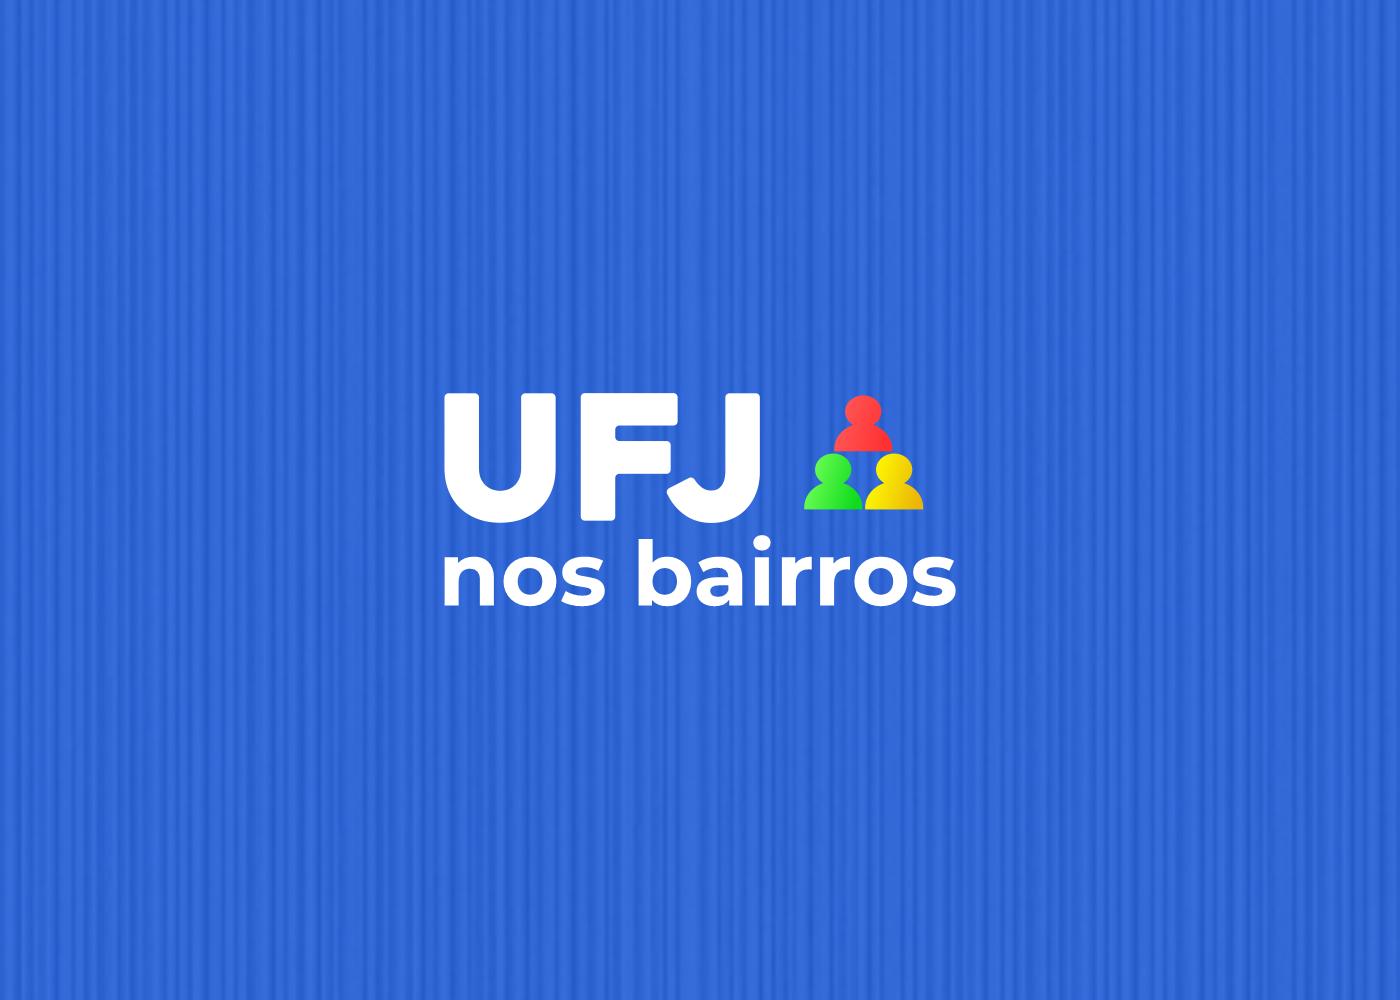 Logotipo UFJ nos bairros